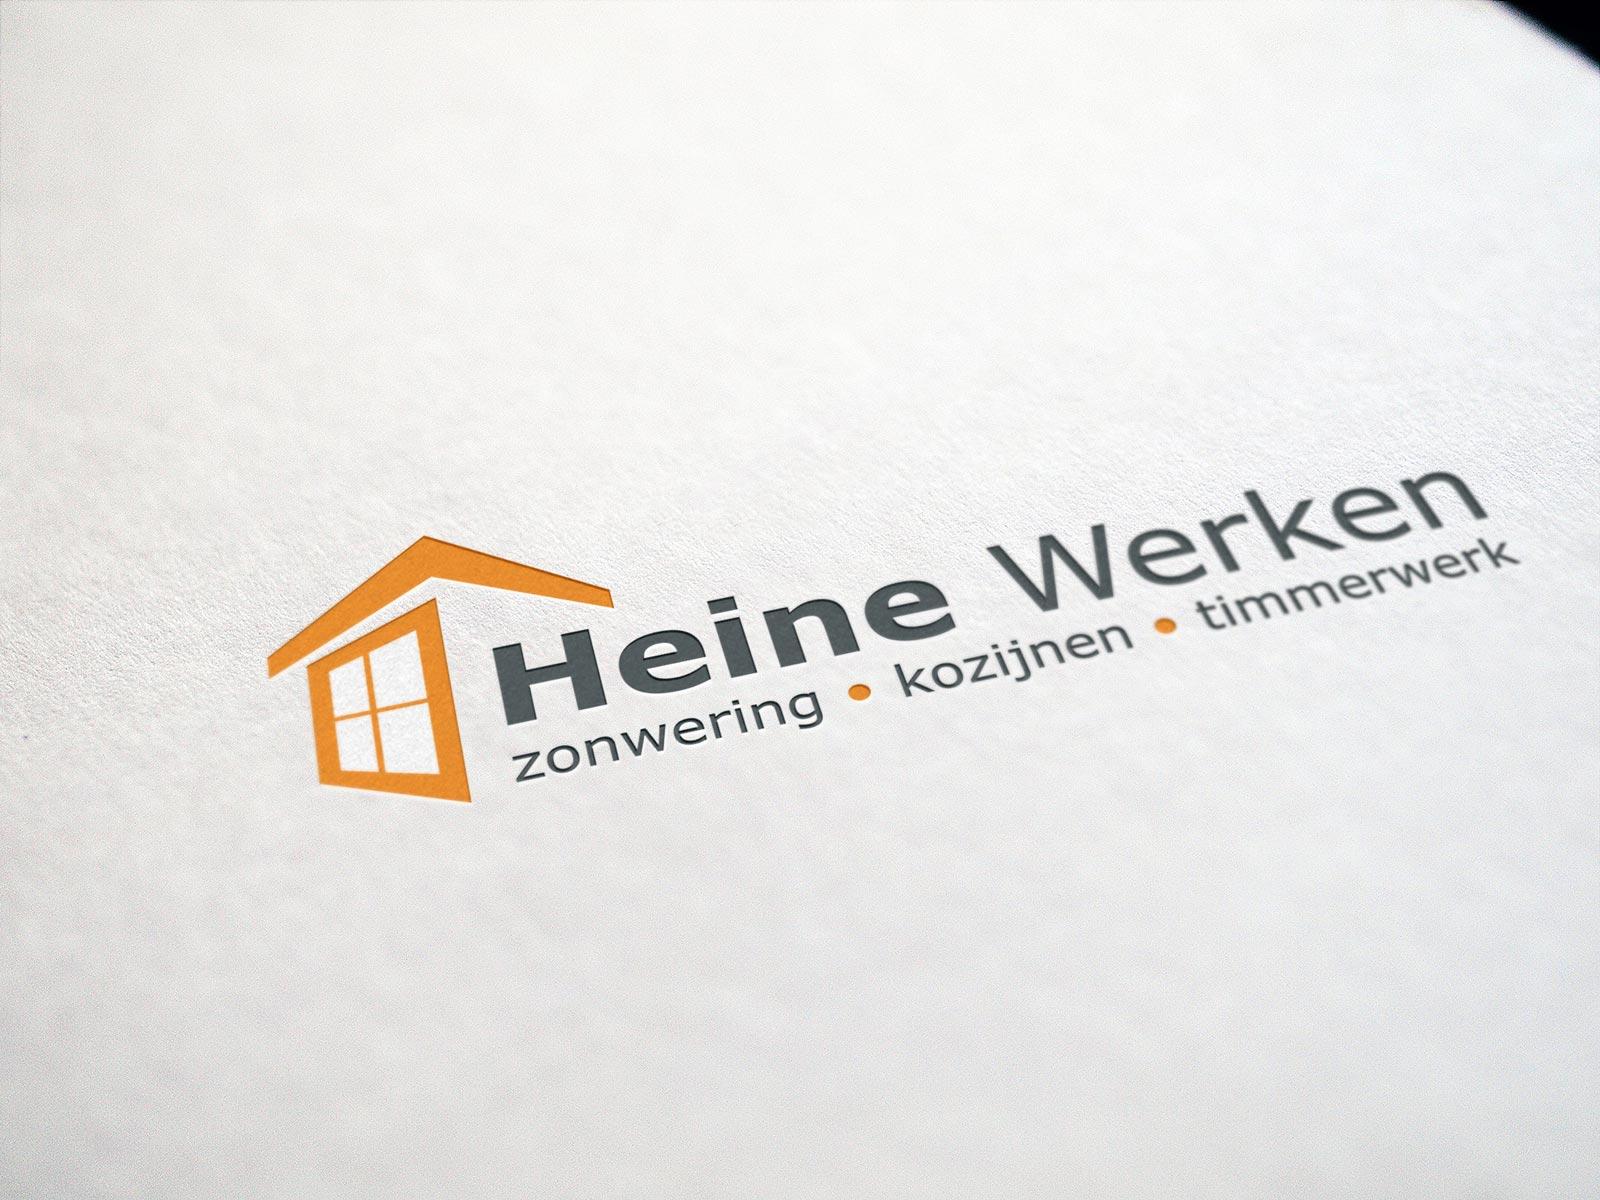 Logo Heine Werken Ellecom